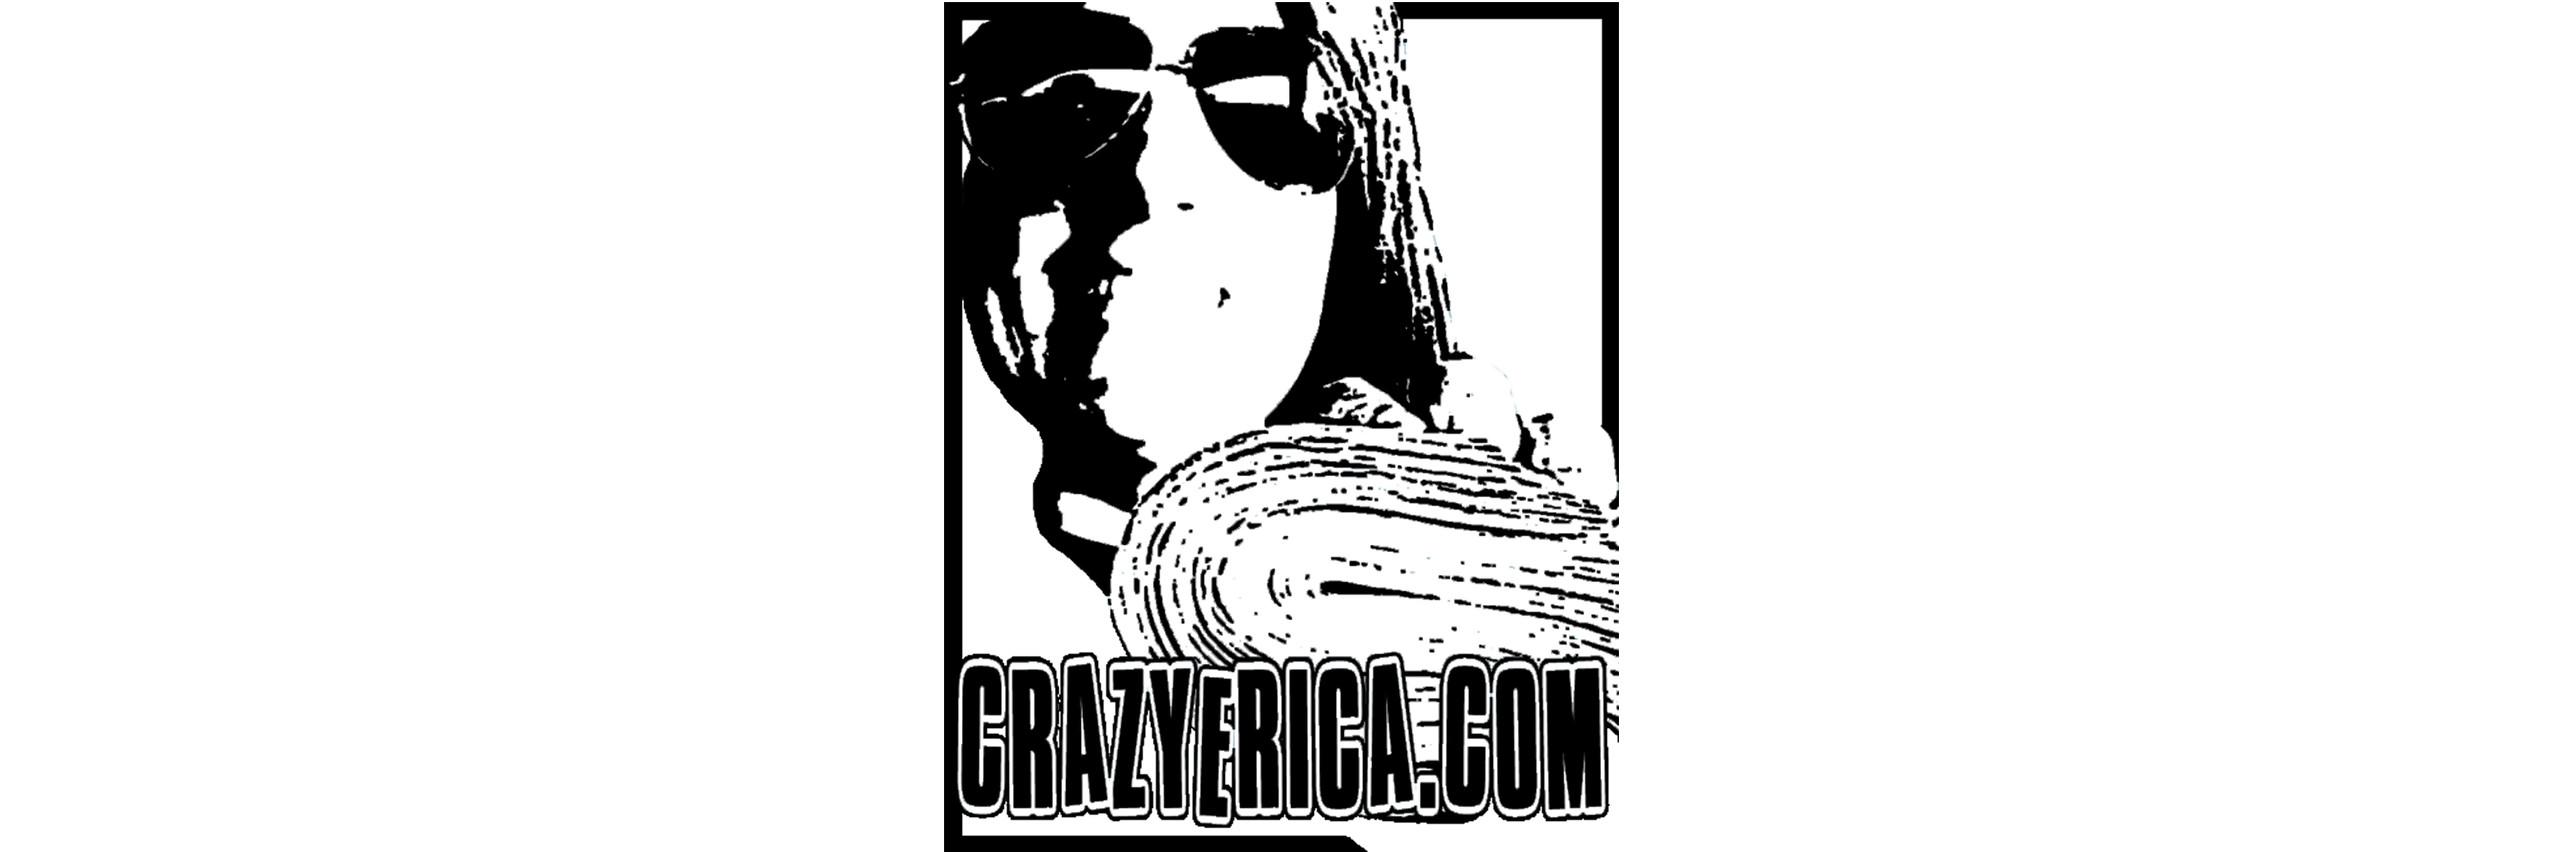 crazyerica.com